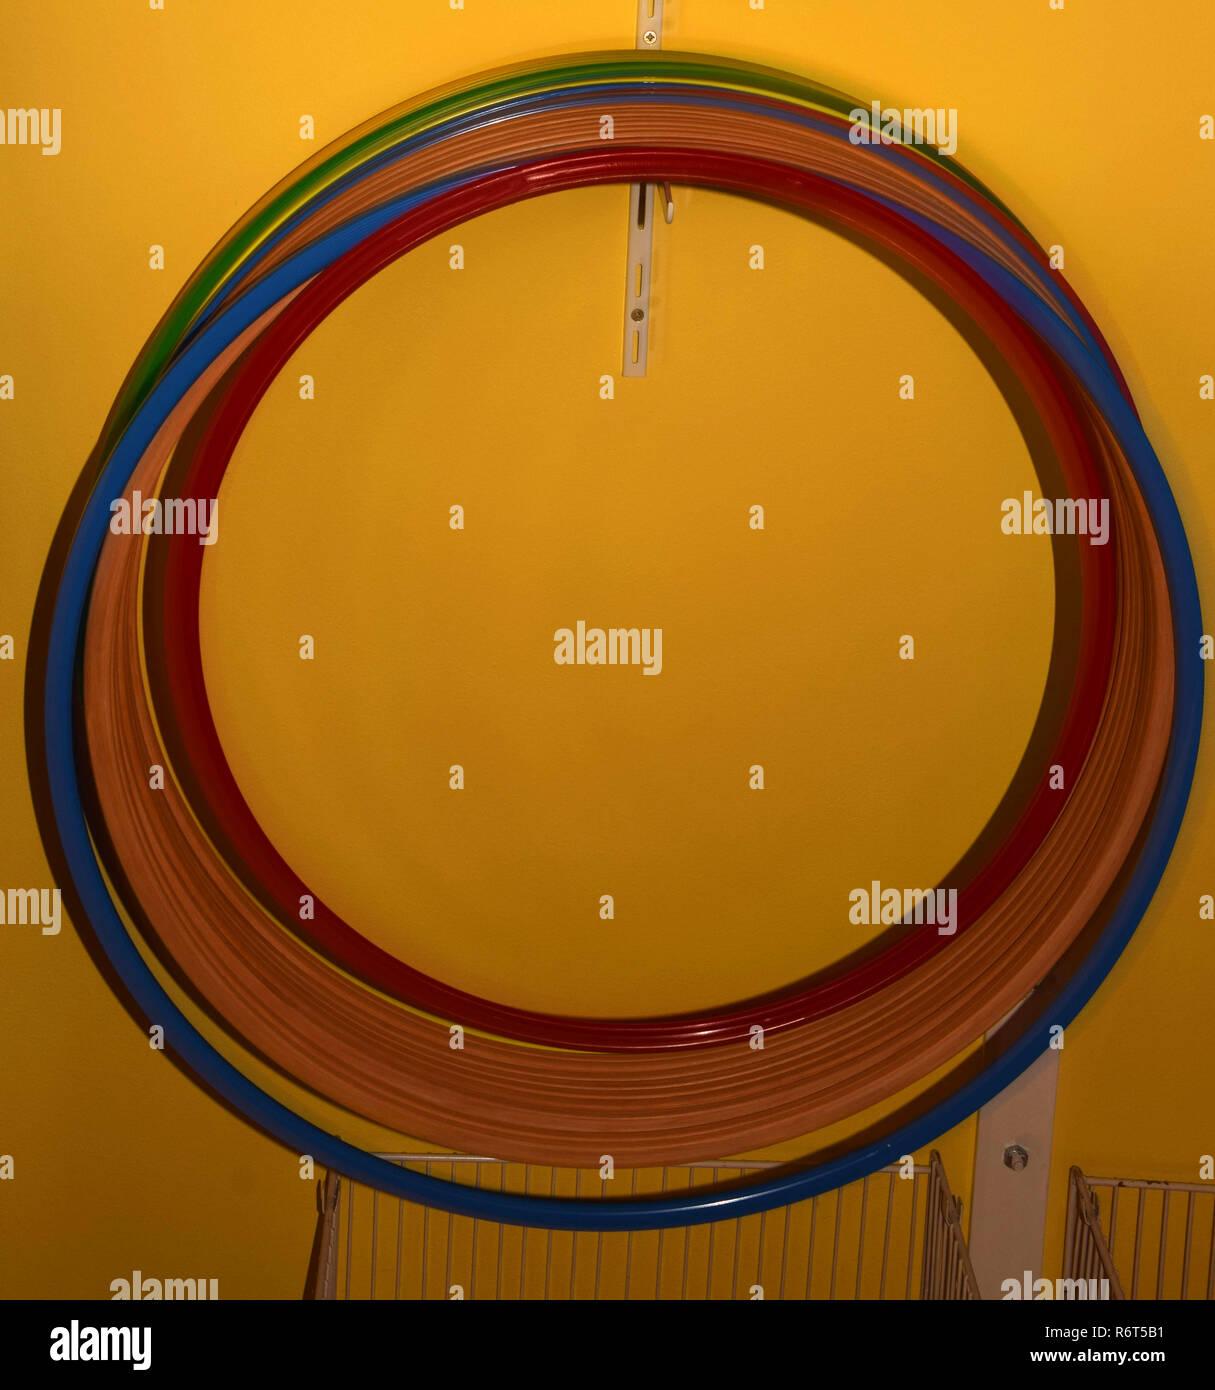 Cerceaux sans peuple, hula hoops faites de différents matériaux et couleurs suspendu à un crochet devant fond jaune Photo Stock